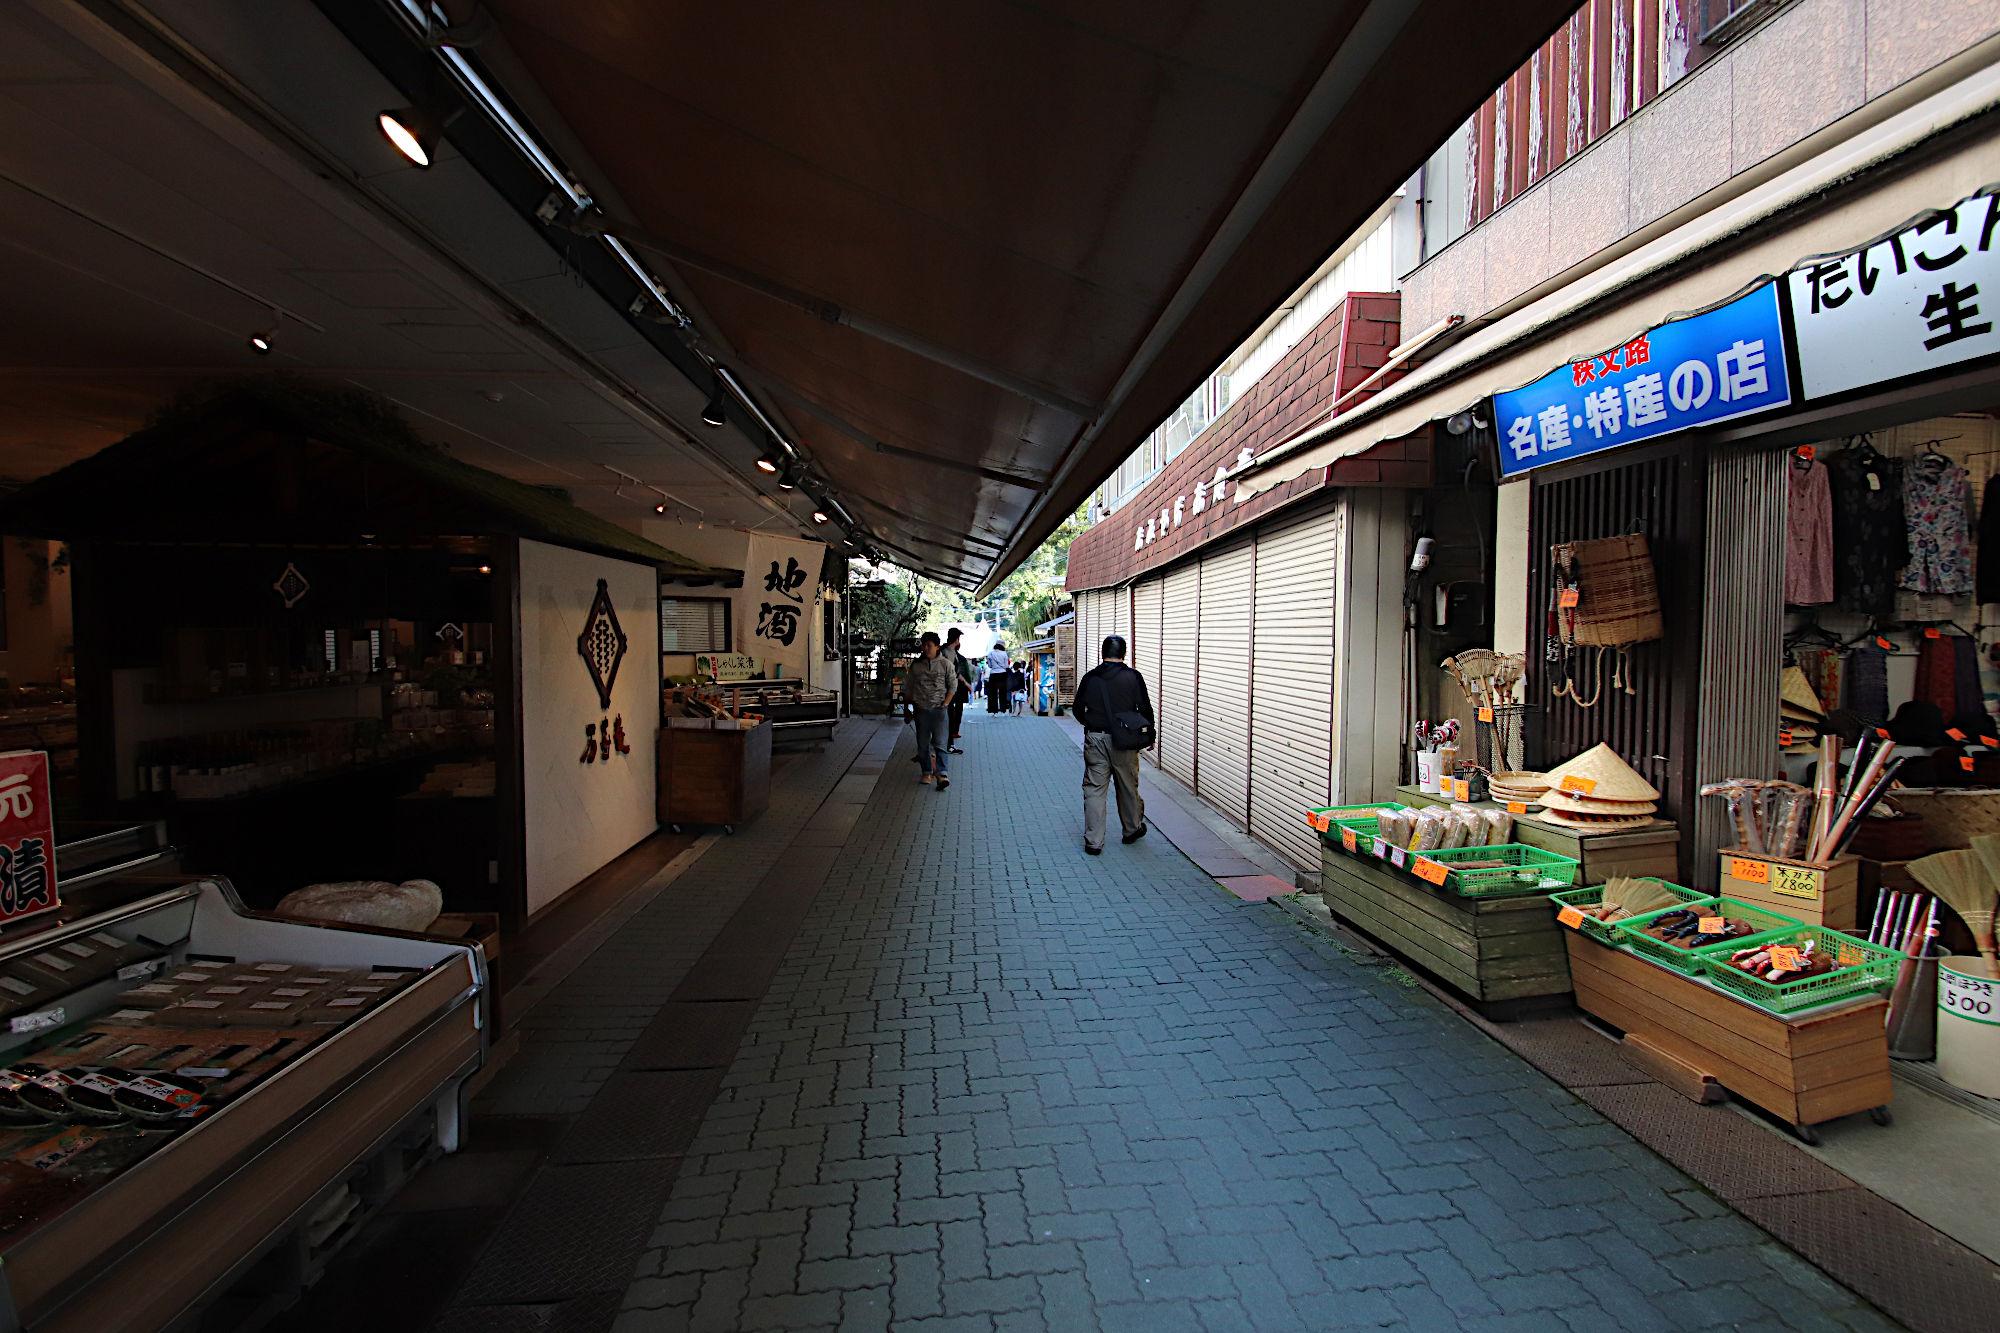 長瀞駅の商店街